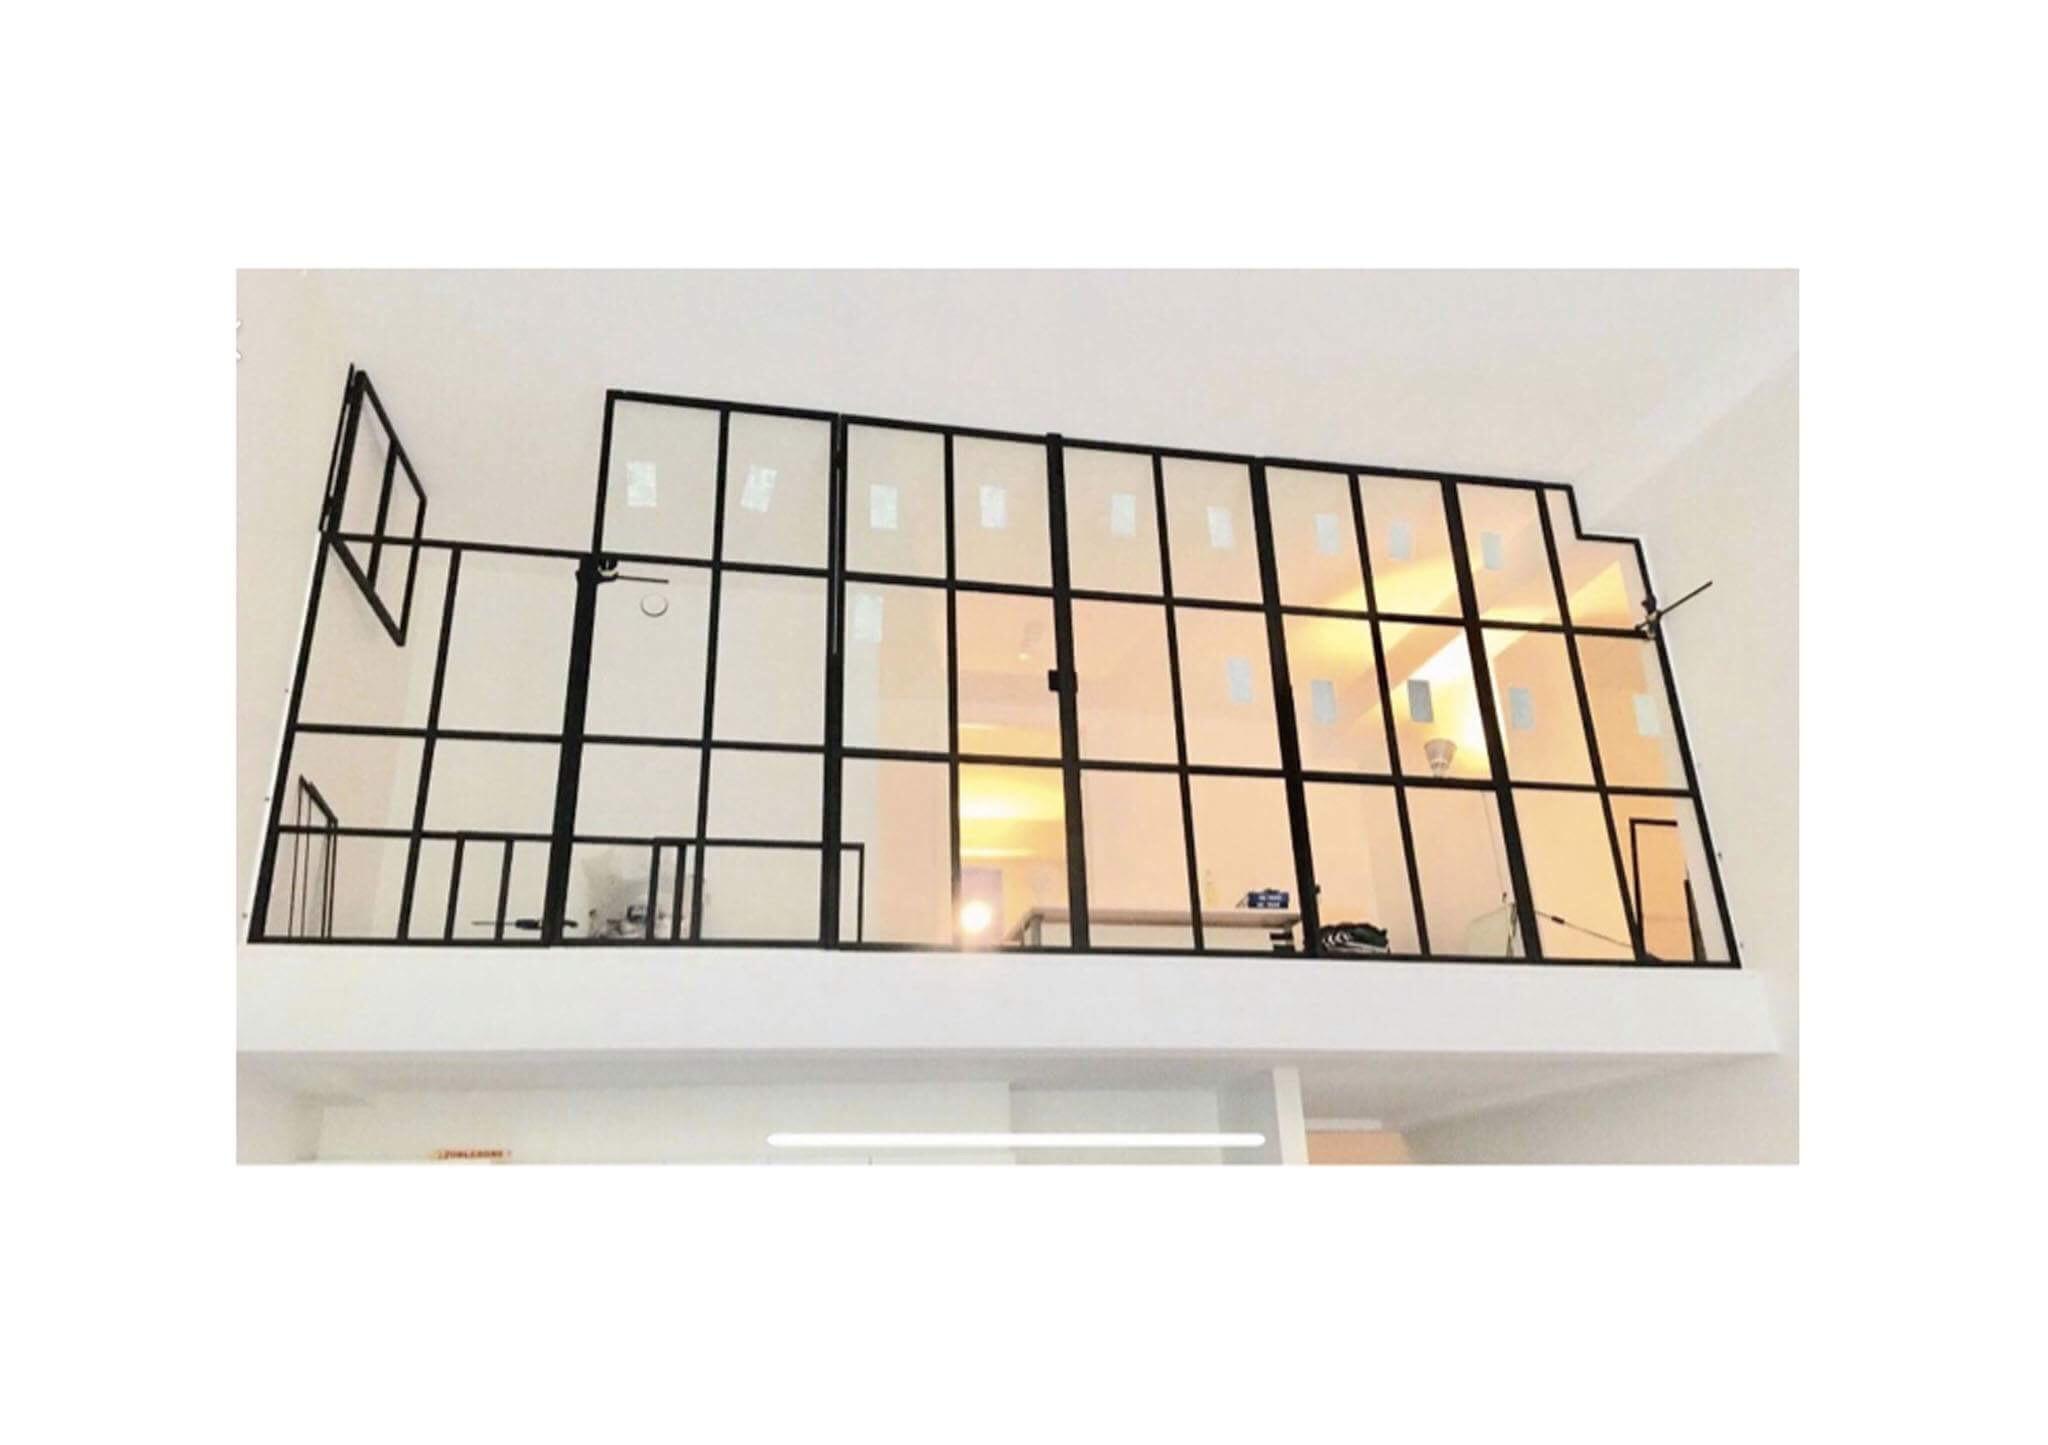 glasvæg-new yorker væg-skillevæg-glasvaeg-dobbeltdør